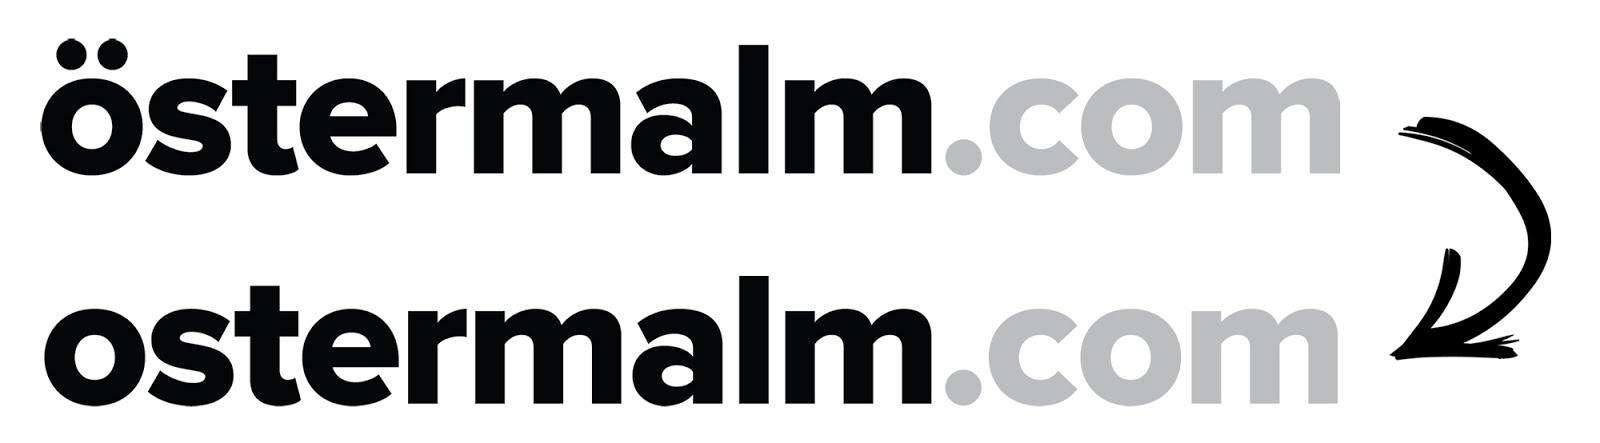 östermalm.com --> ostermalm.com